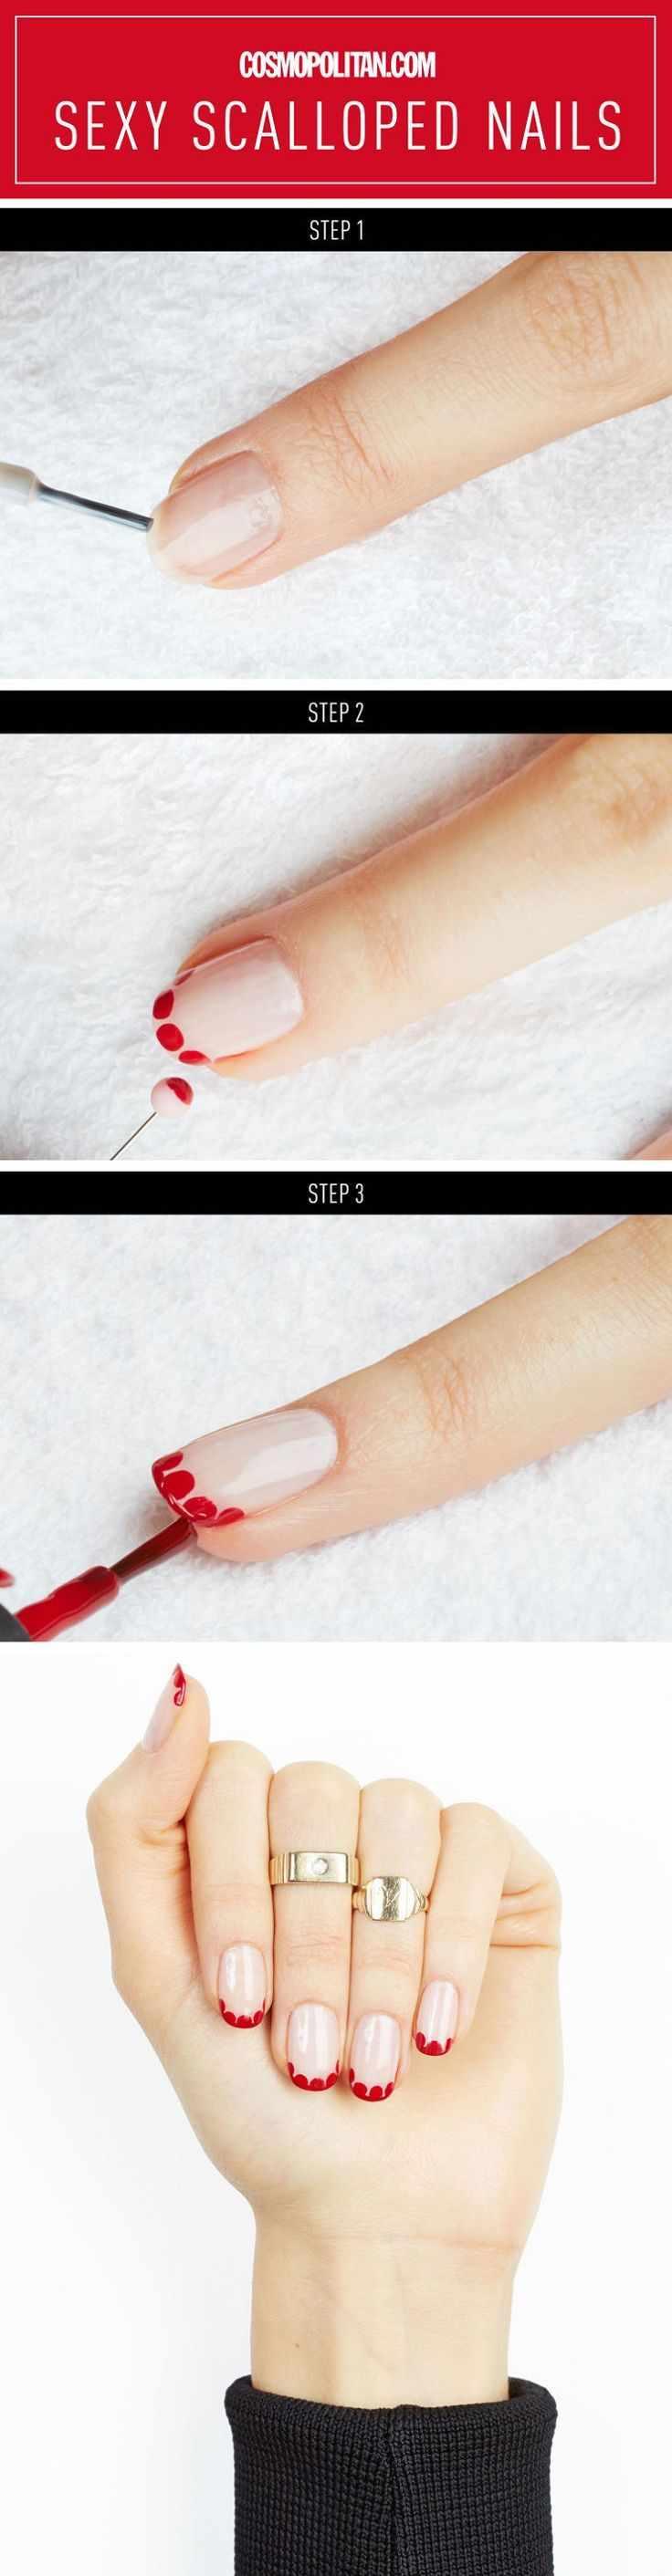 пошаговое фото простого домашнего маникюра step by step design nail